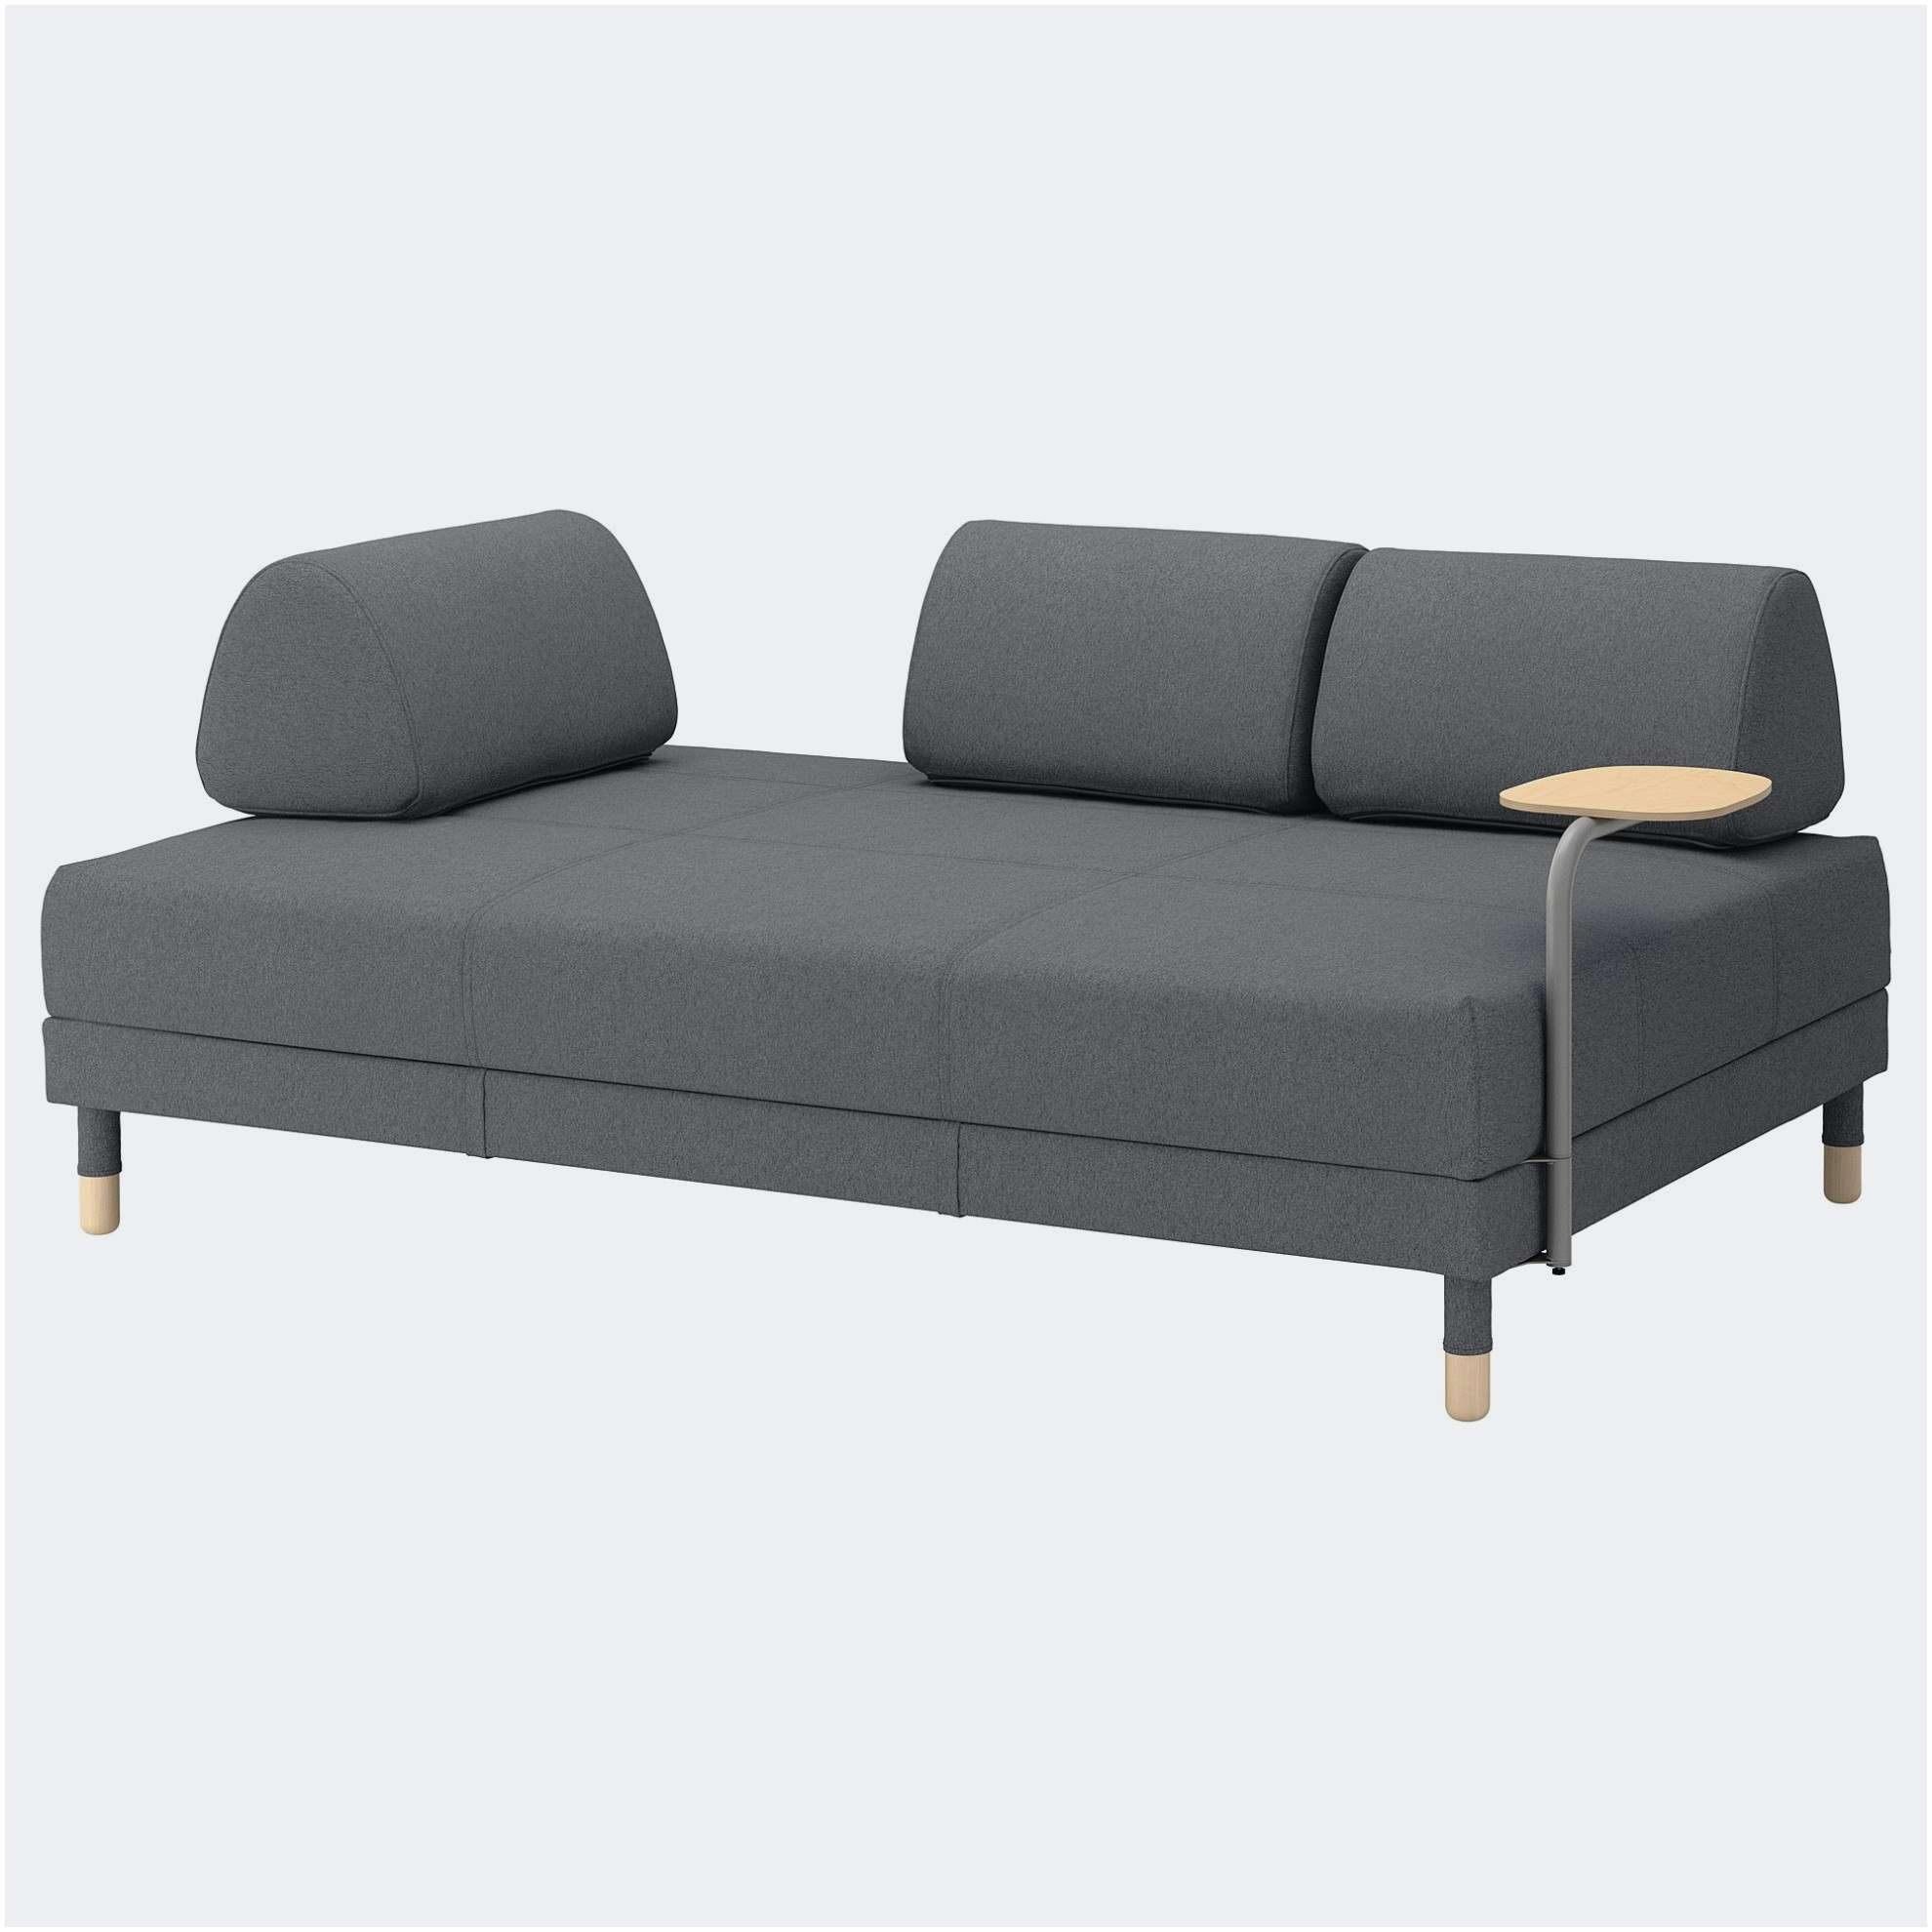 Lit Canapé Ikea De Luxe Frais 21 Satisfaisant Canapé Convertible Pas Cher Ikea Canapé